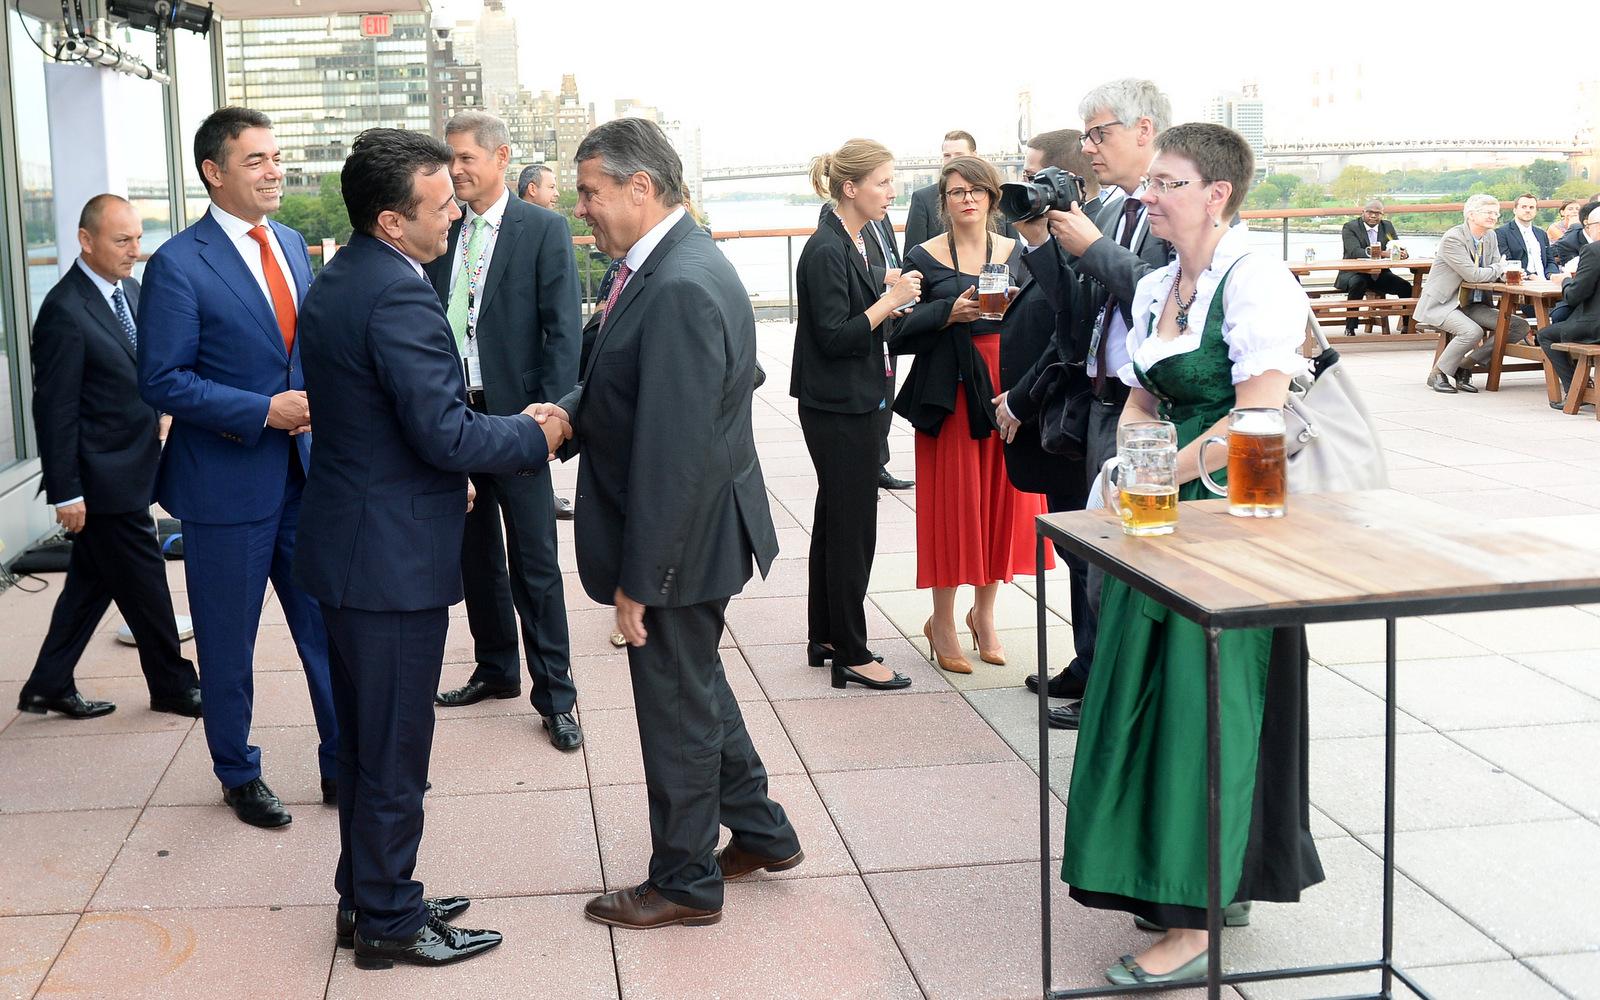 Заев се сретна со германскиот министер за надворешни работи Зигмар Габриел  Силна поддршка на реформите во Македонија